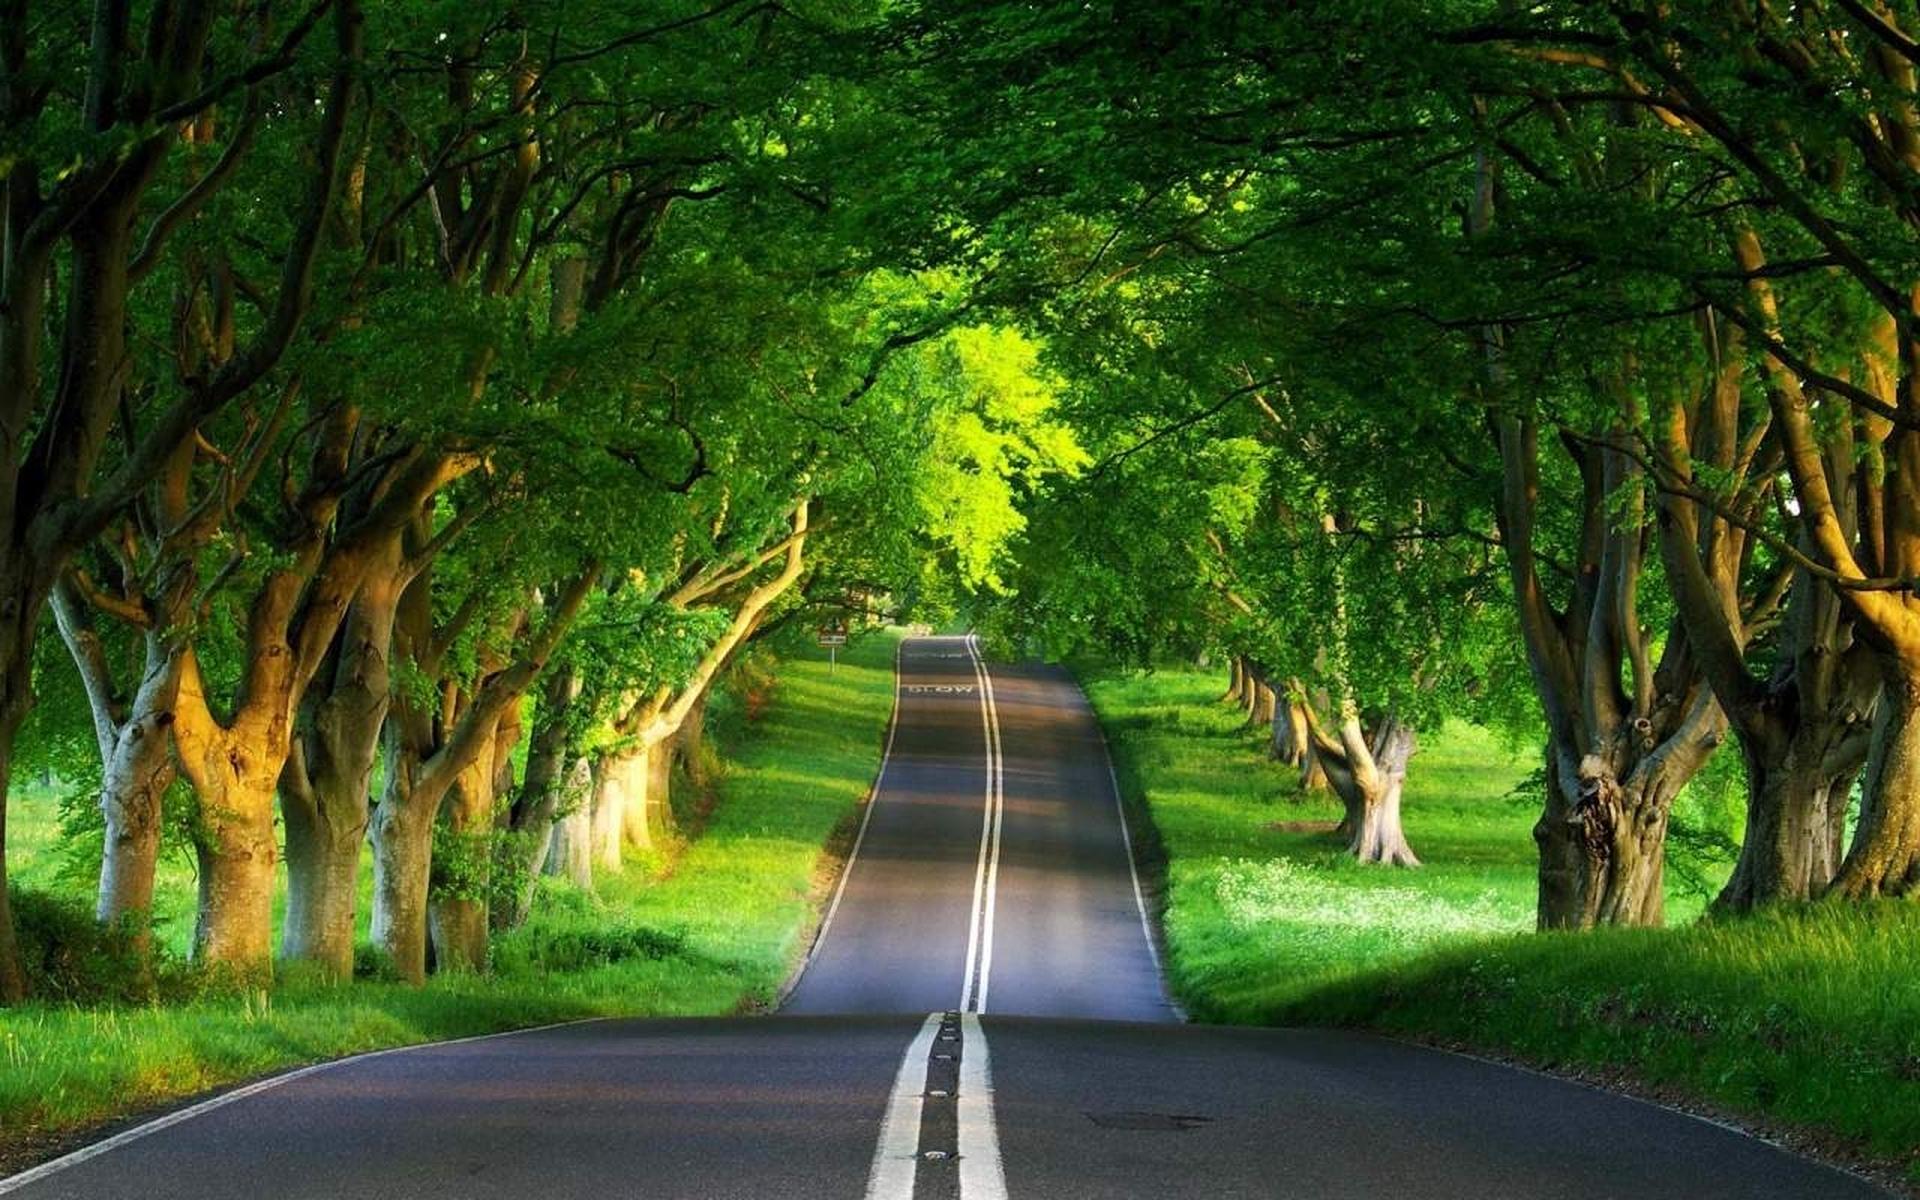 обои дорога, асфальт, разметка, трава картинки фото